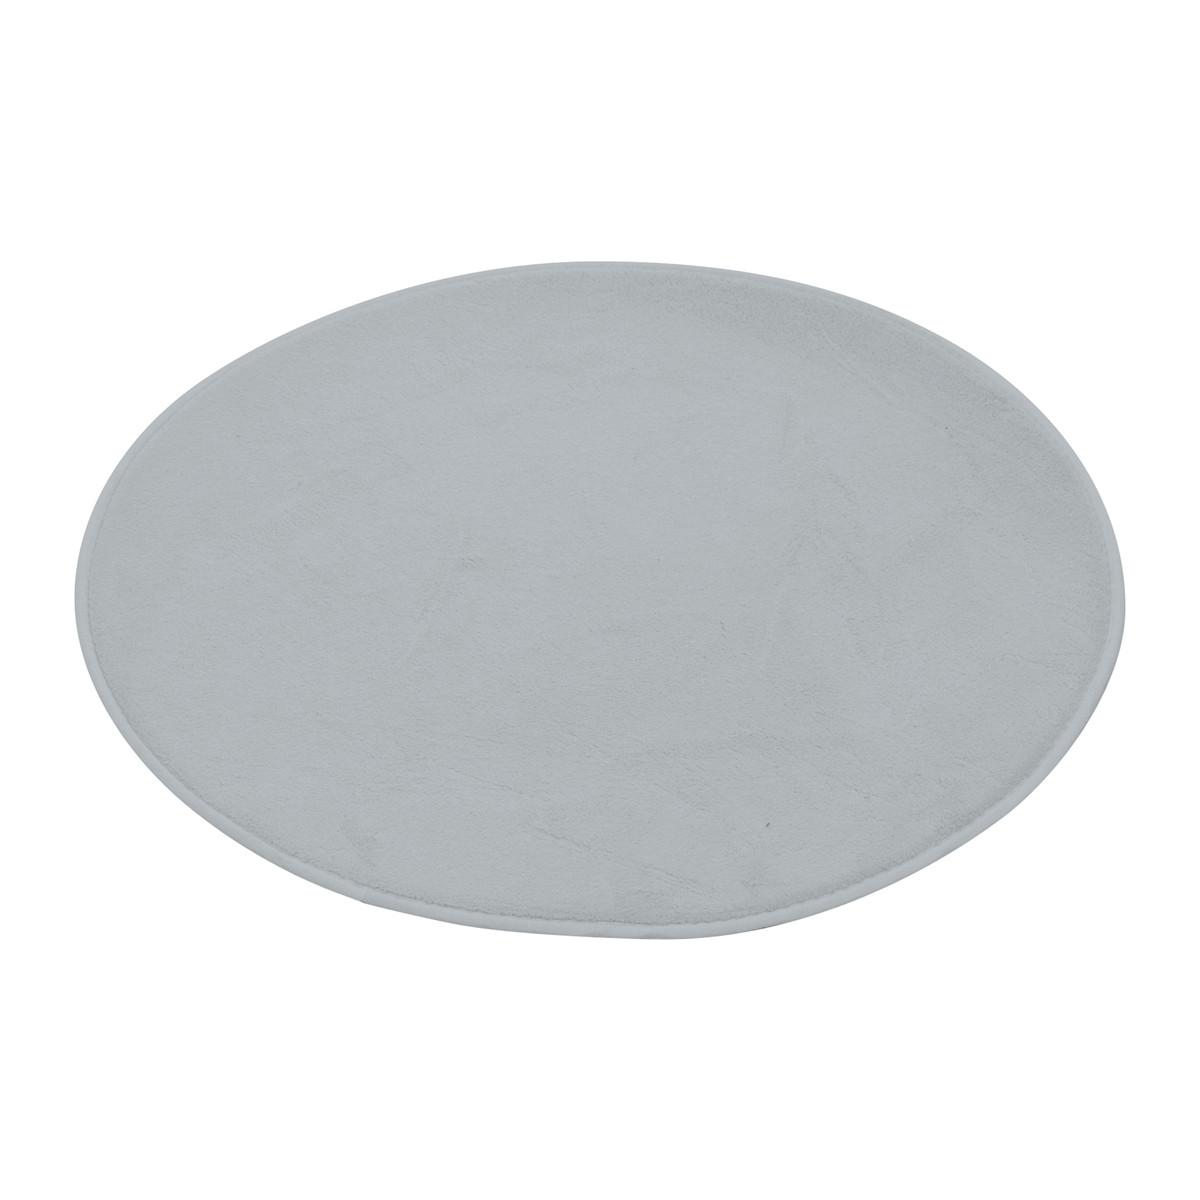 Πατάκι Μπάνιου (Φ60) Round L.Grey 6GMB270GC